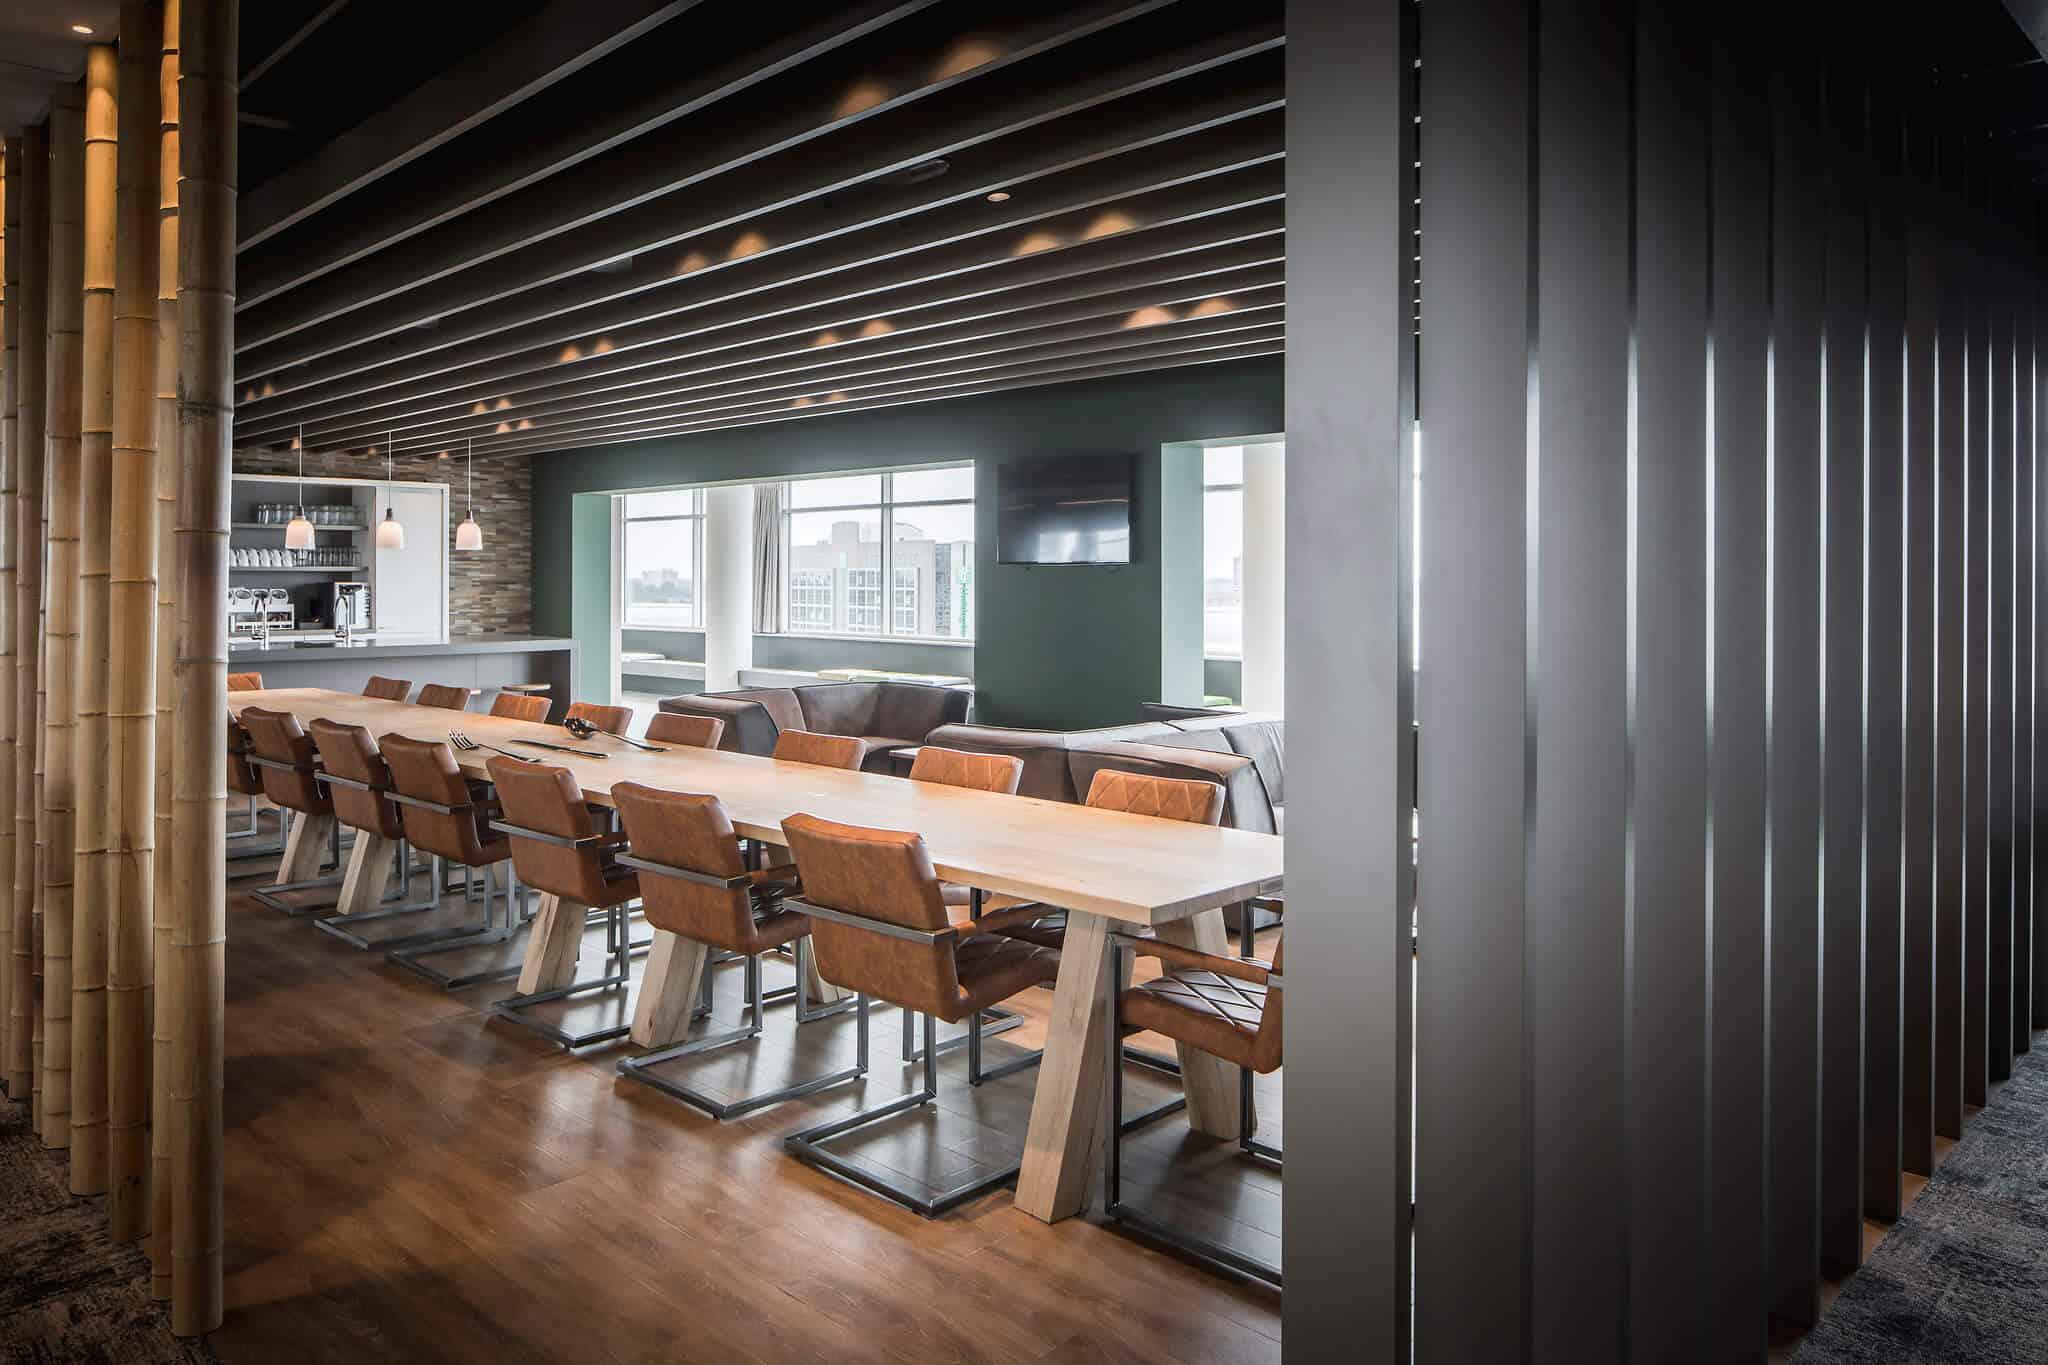 Klap scheiding tussen twee ruimten met bamboe scheidingswand links de bar en lange tafel